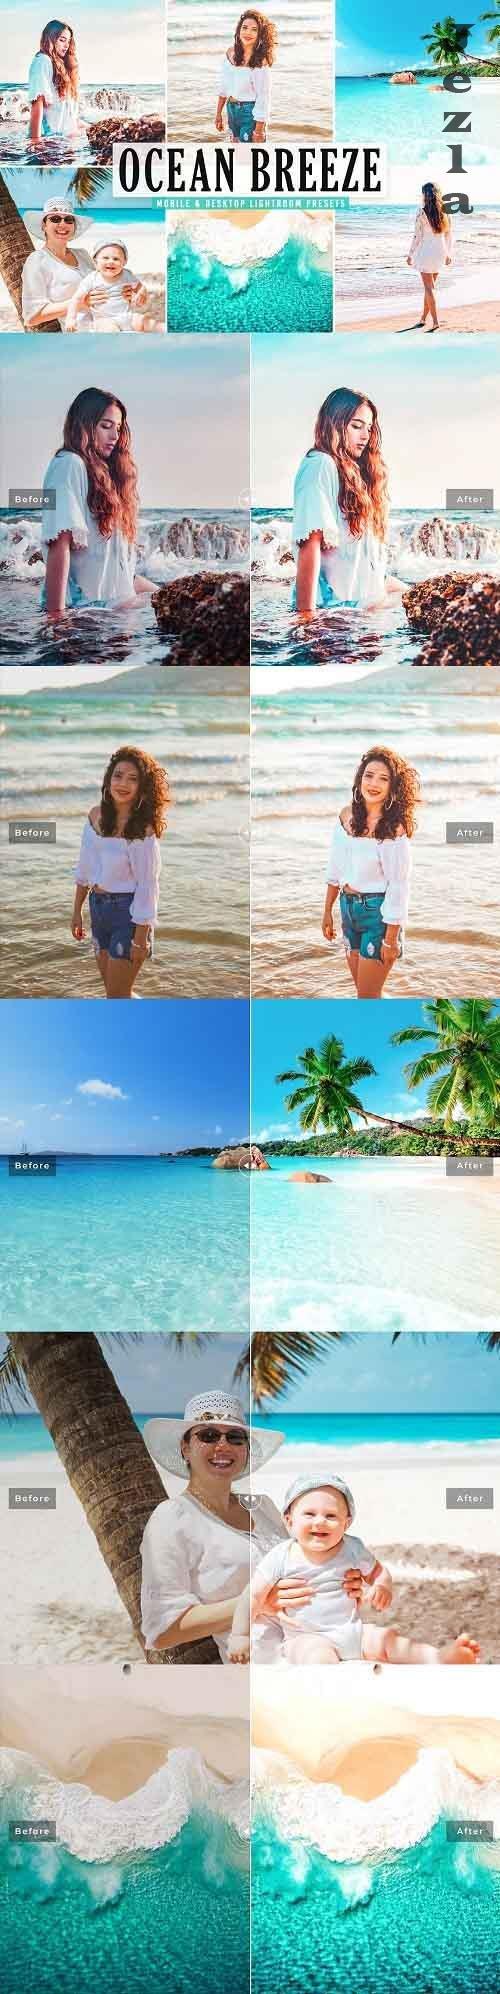 Ocean Breeze Pro Lightroom Presets - 5478853 - Mobile & Desktop